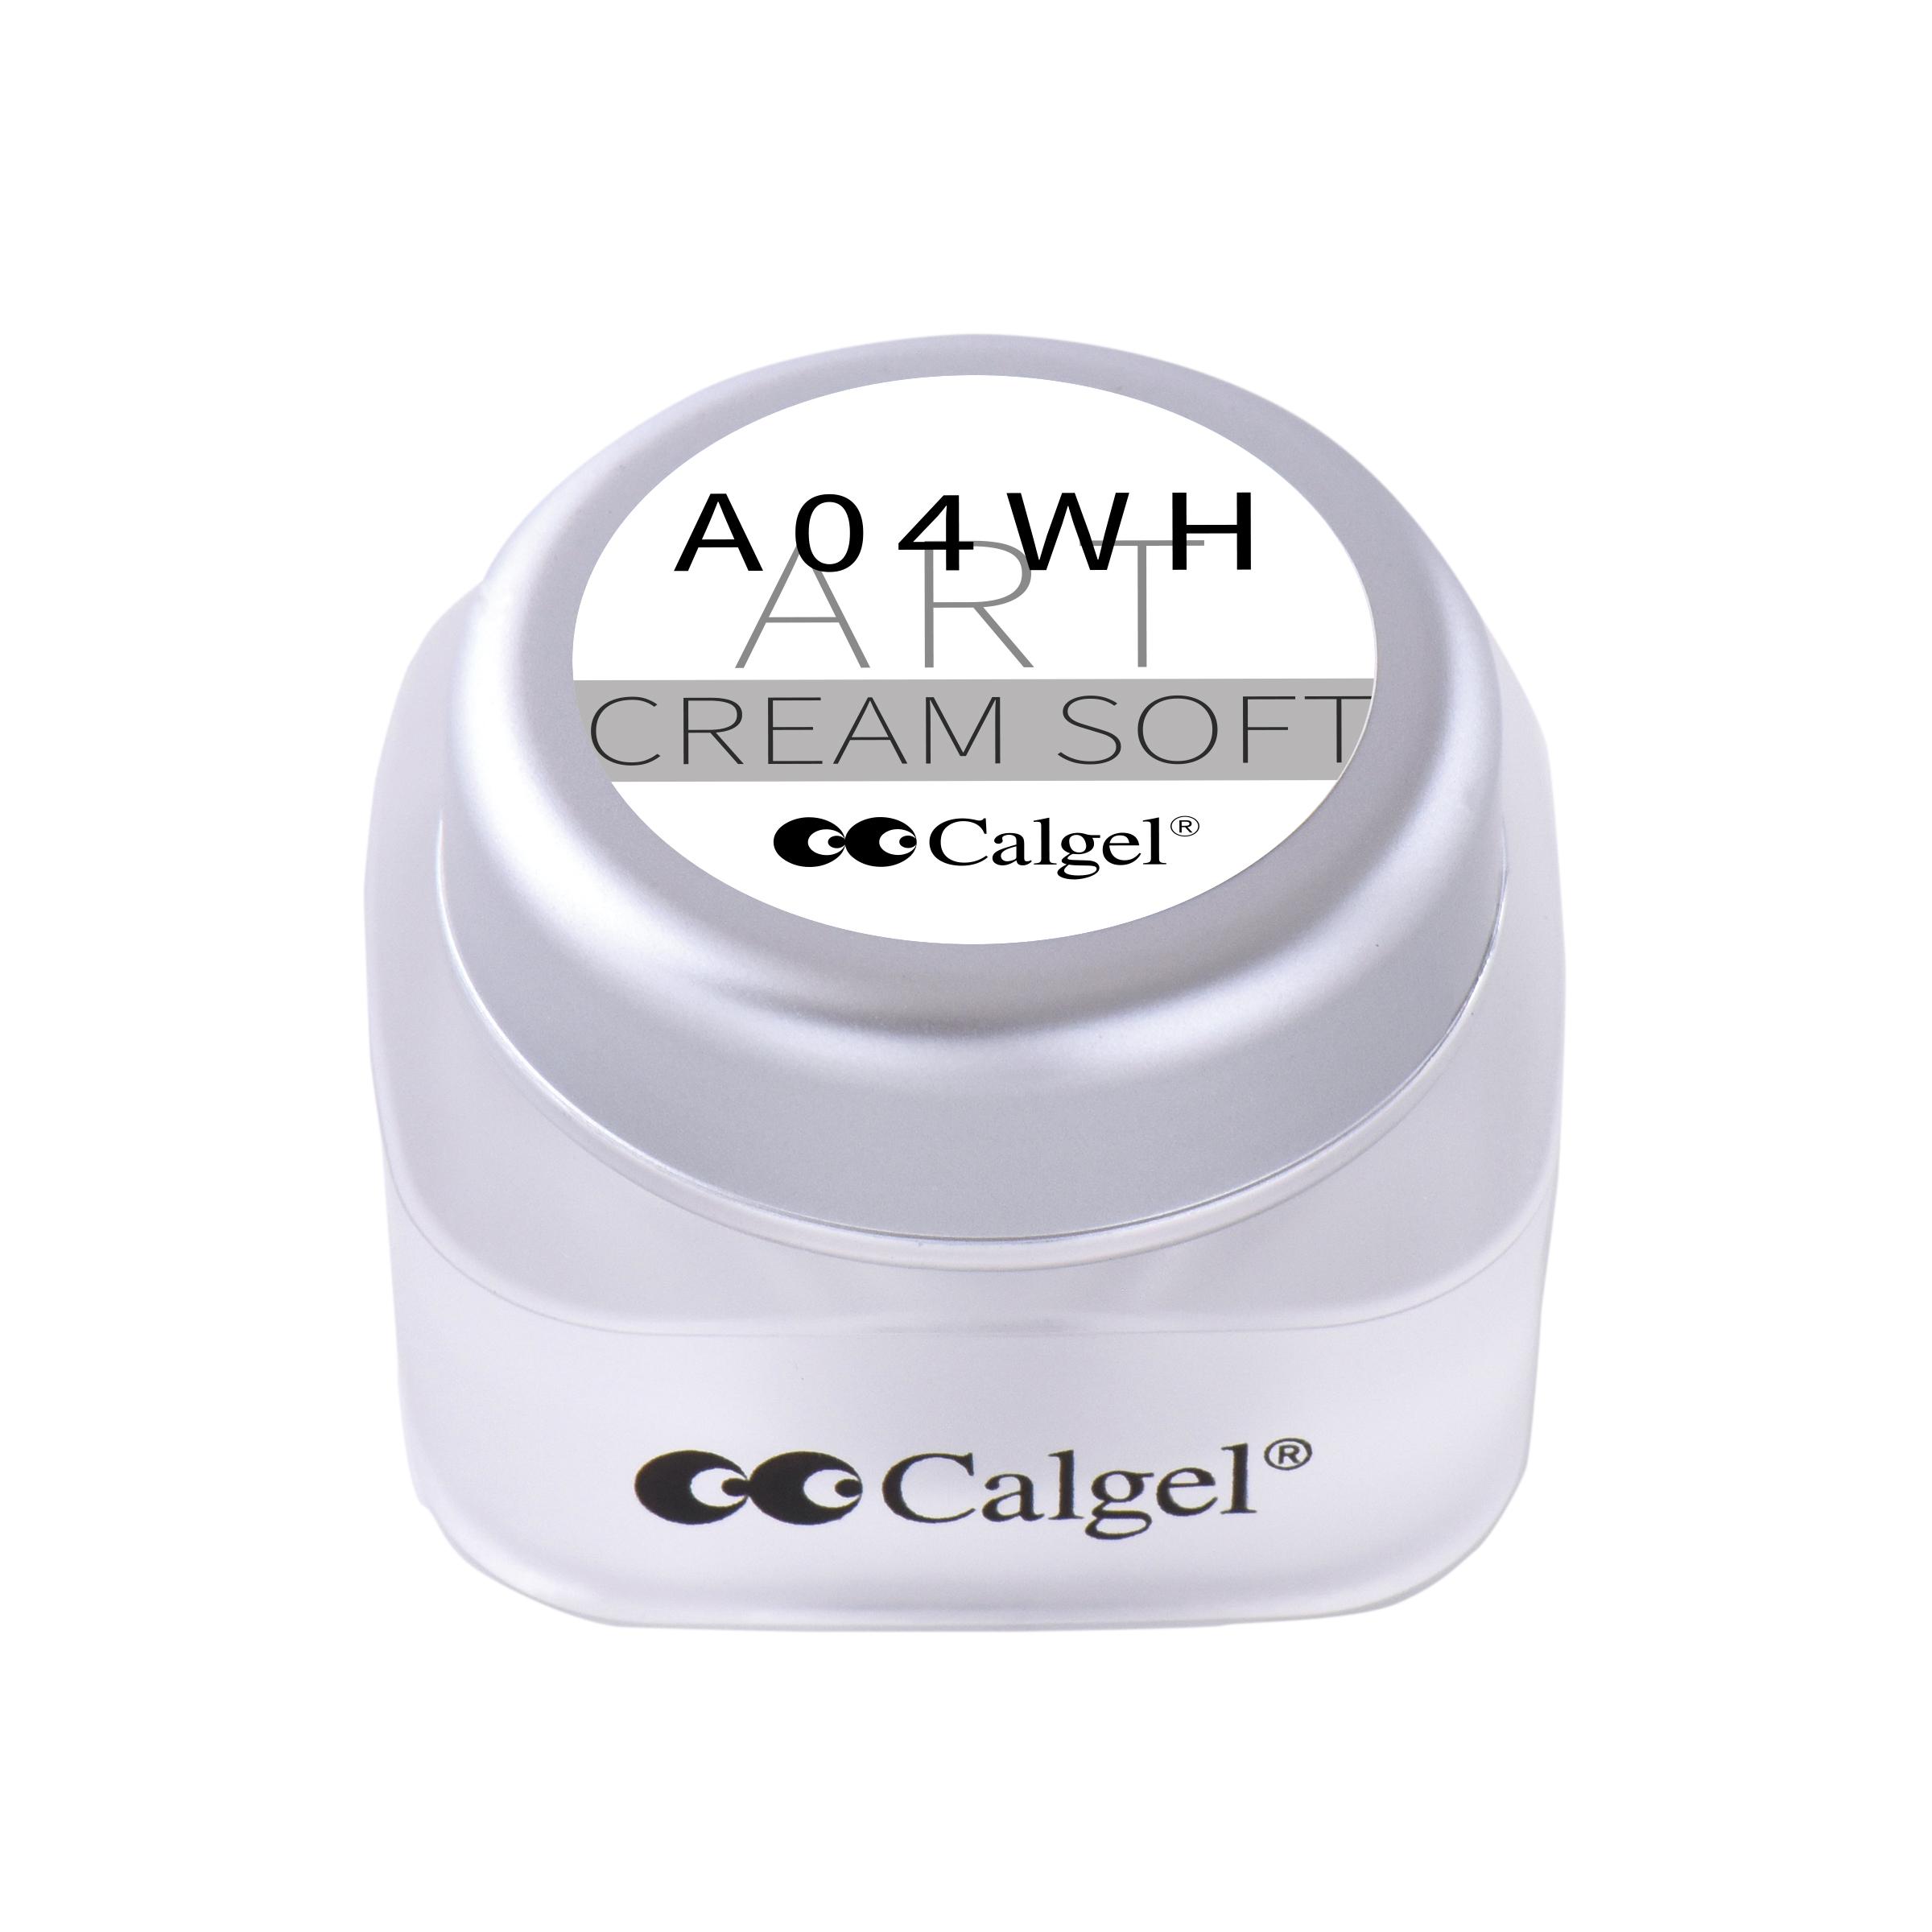 CGA04WH カラーカルジェル プラス アート クリーム ソフト